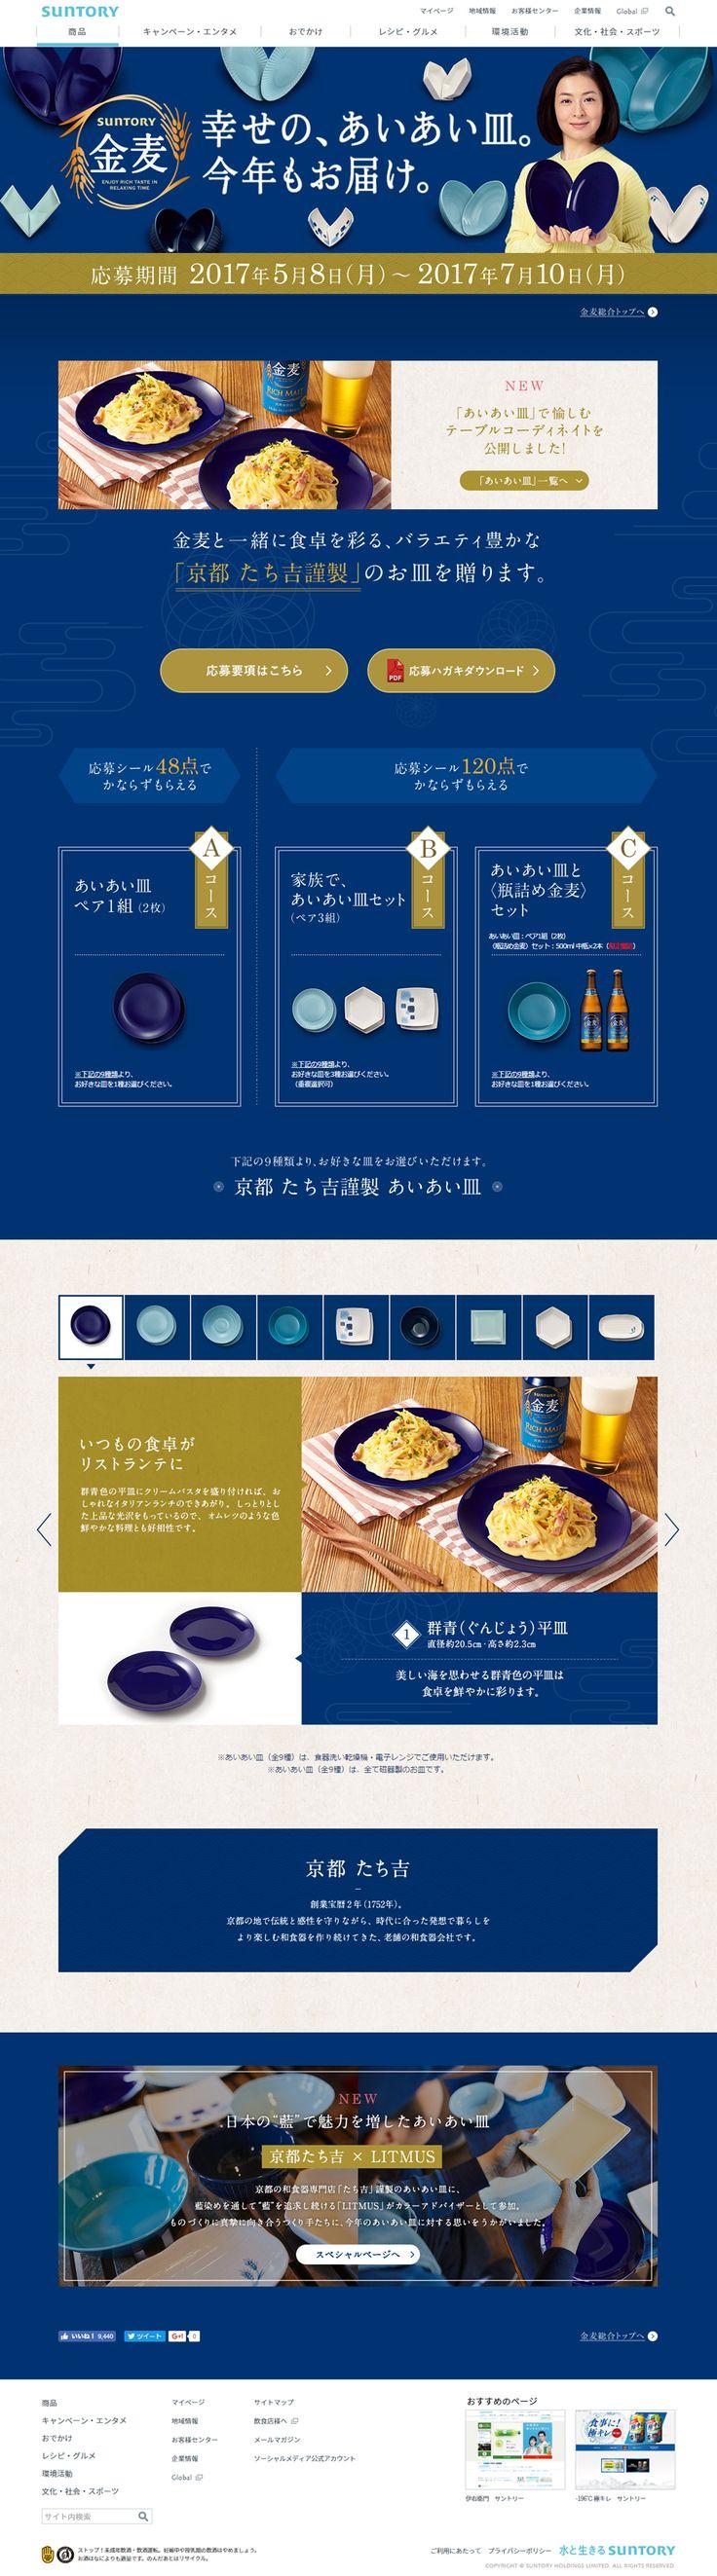 サントリー金麦「幸せの、あいあい皿。今年もお届け。」キャンペーン|WEBデザイナーさん必見!ランディングページのデザイン参考に(和風系)